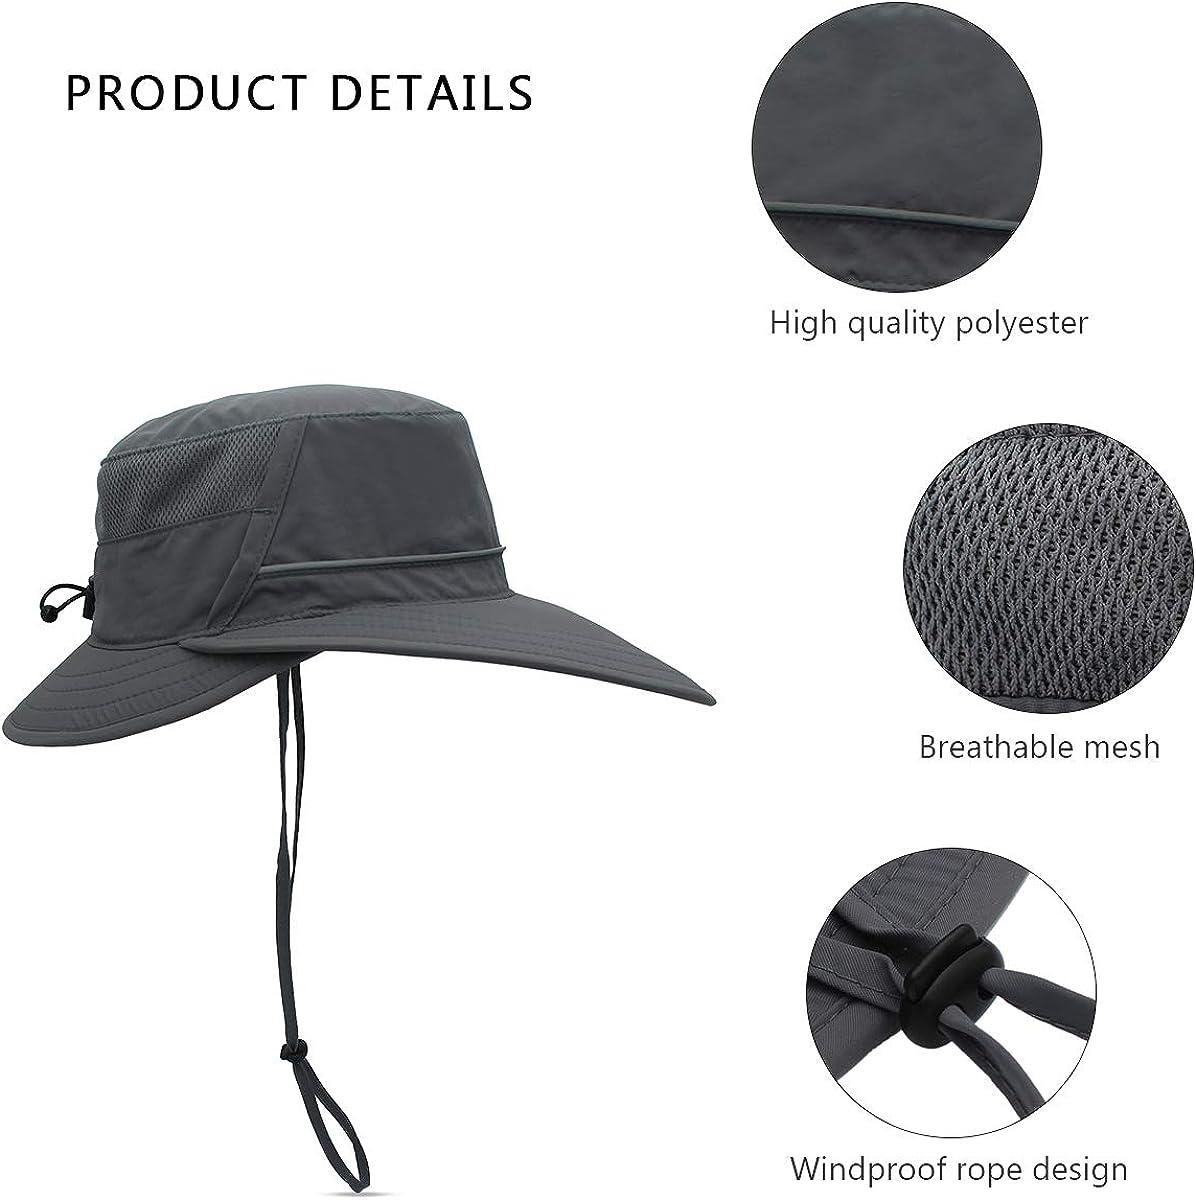 MARCELEN Unisex Cappello da Sole Uomini Donna Cappello da Pescatore Viaggio Protezione Solare Visiera Cappello/Viaggio Cappello da Pescatore Campeggio